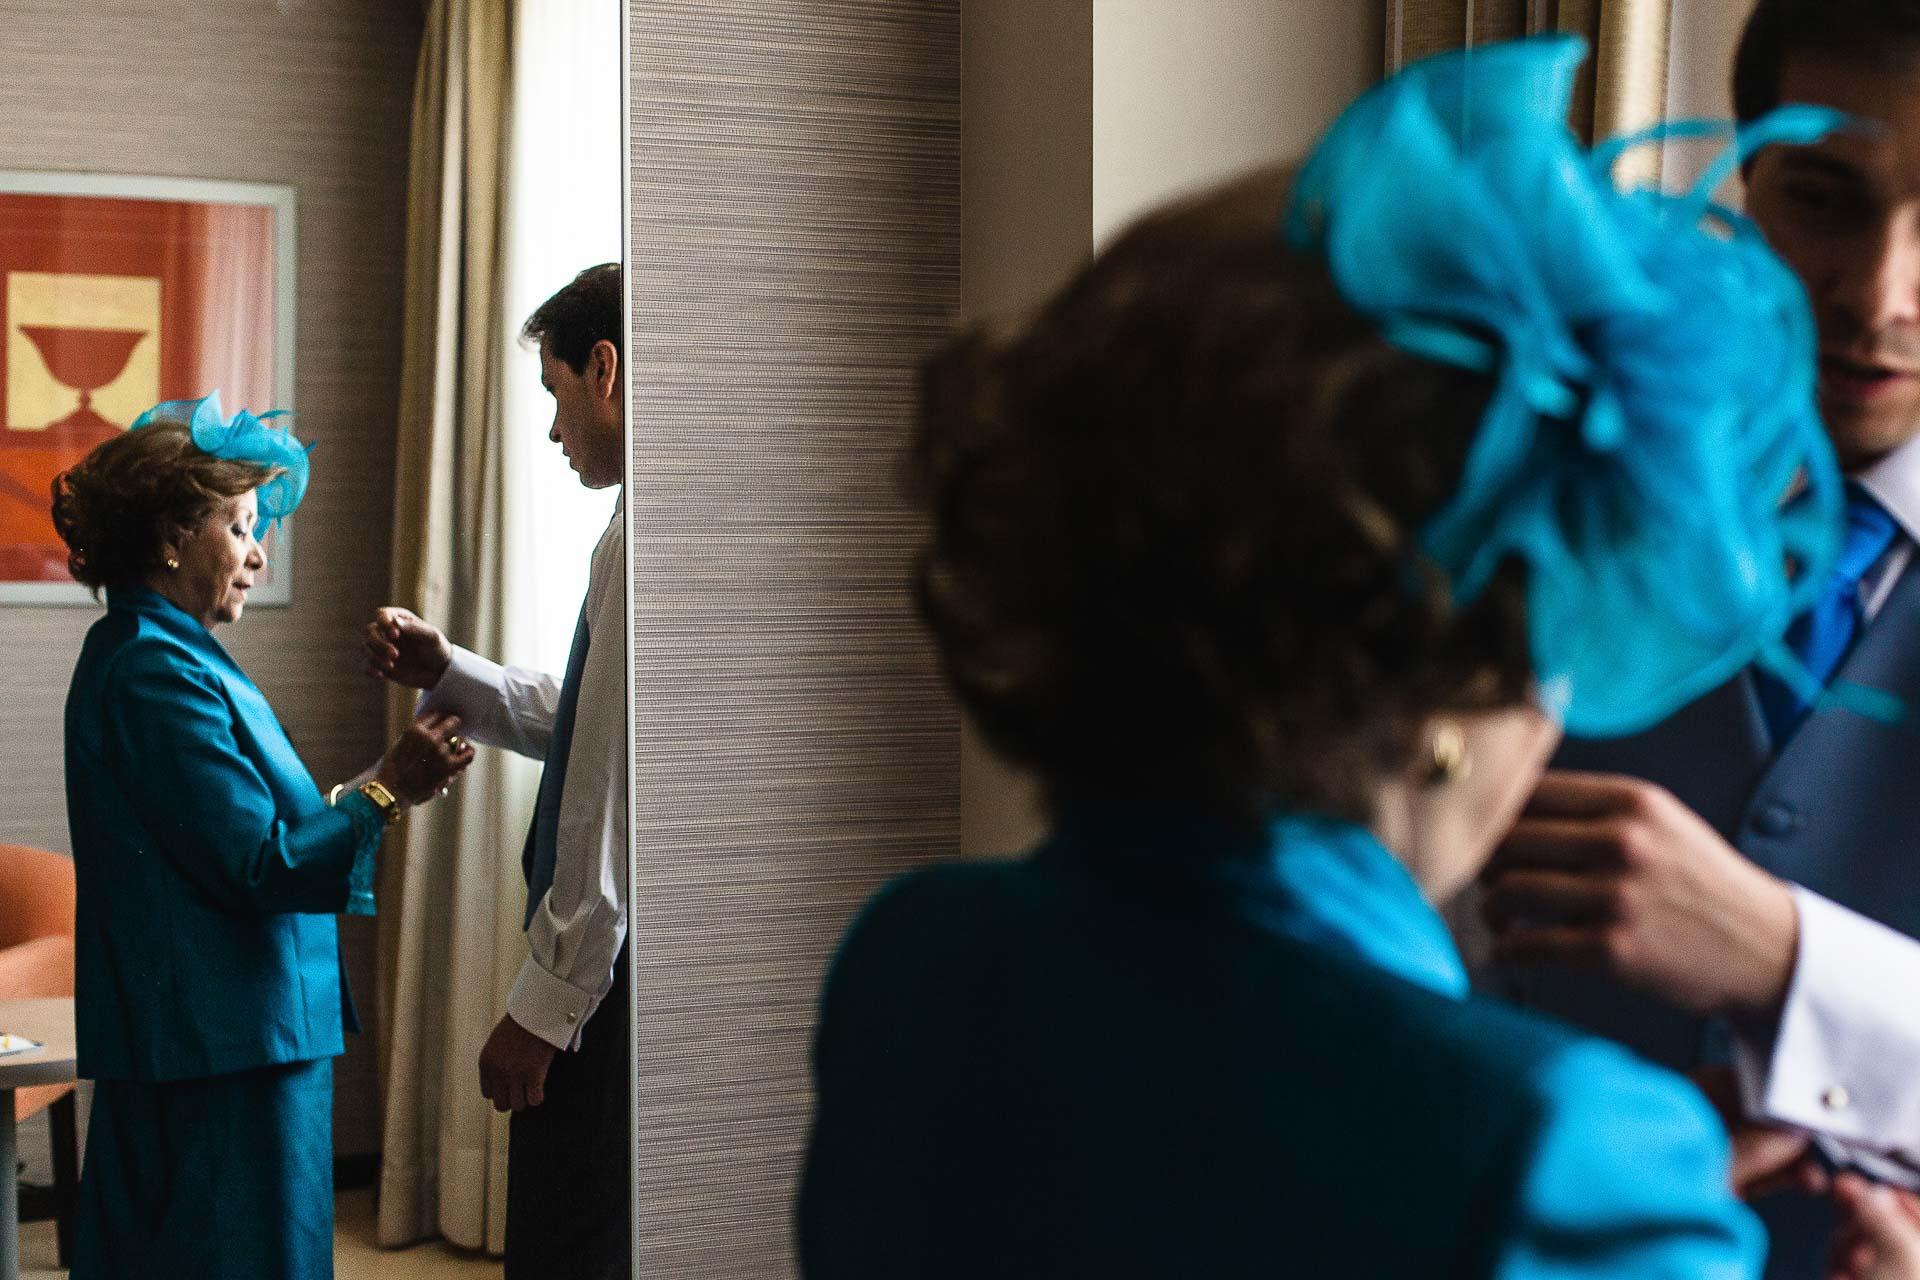 Boda Huesca Hotel Abba Retrato Novio Madrina